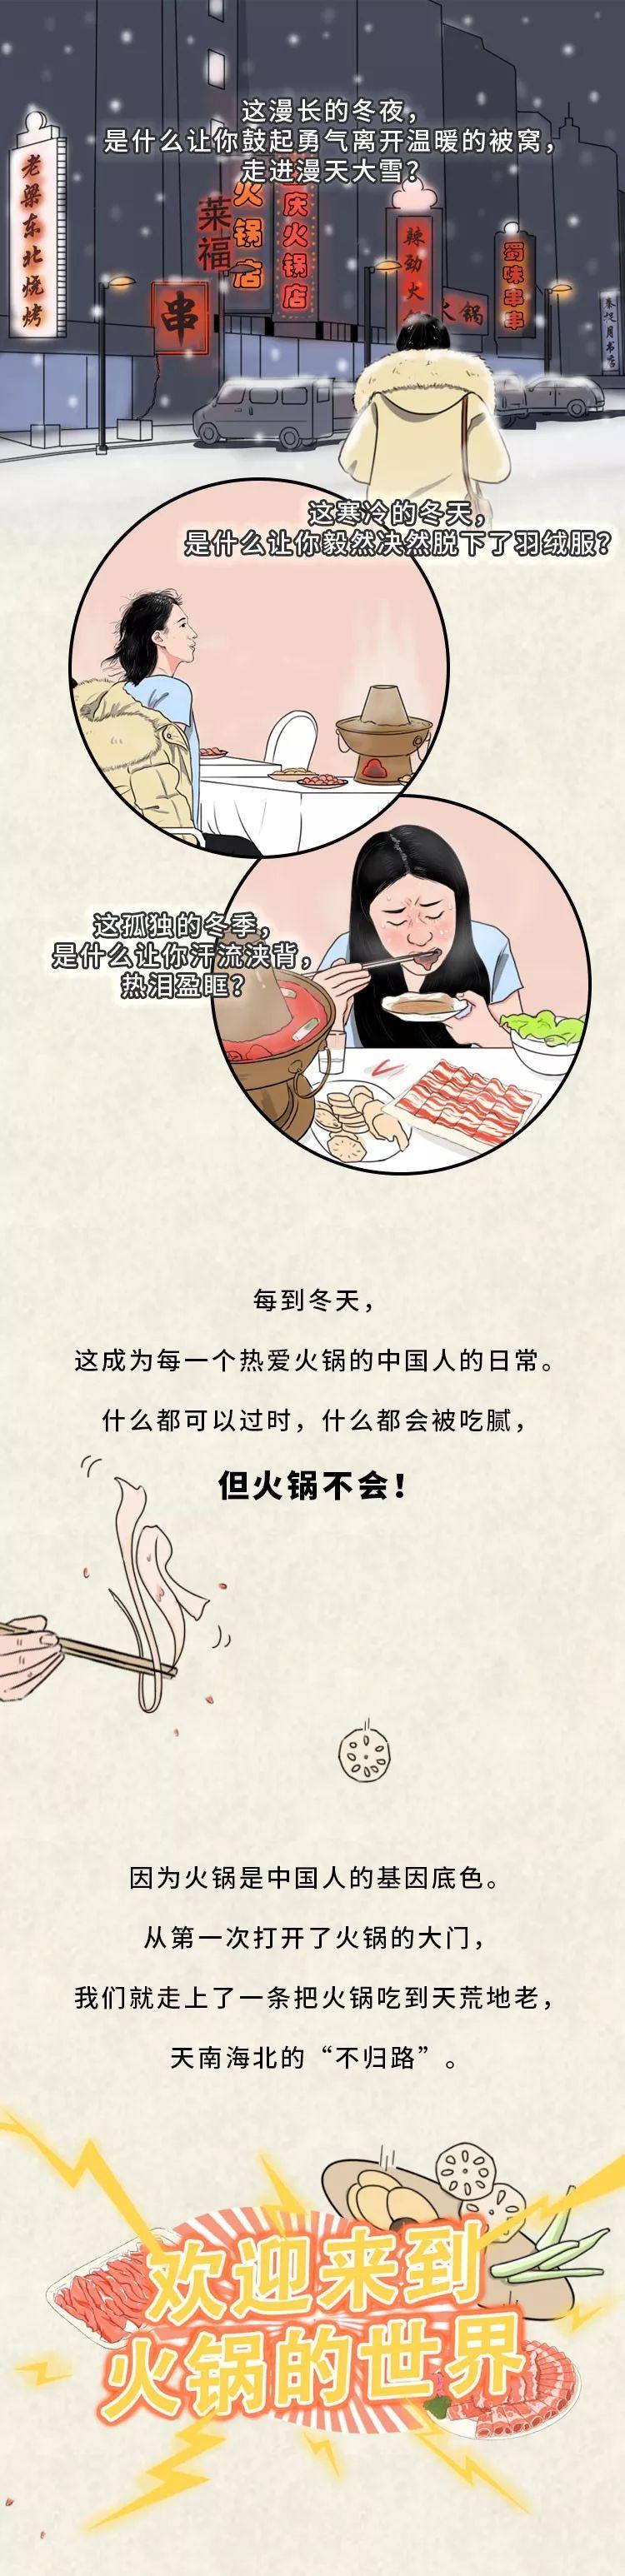 吃了1000年的无聊火锅,终于被这4种蘸料拯救了!